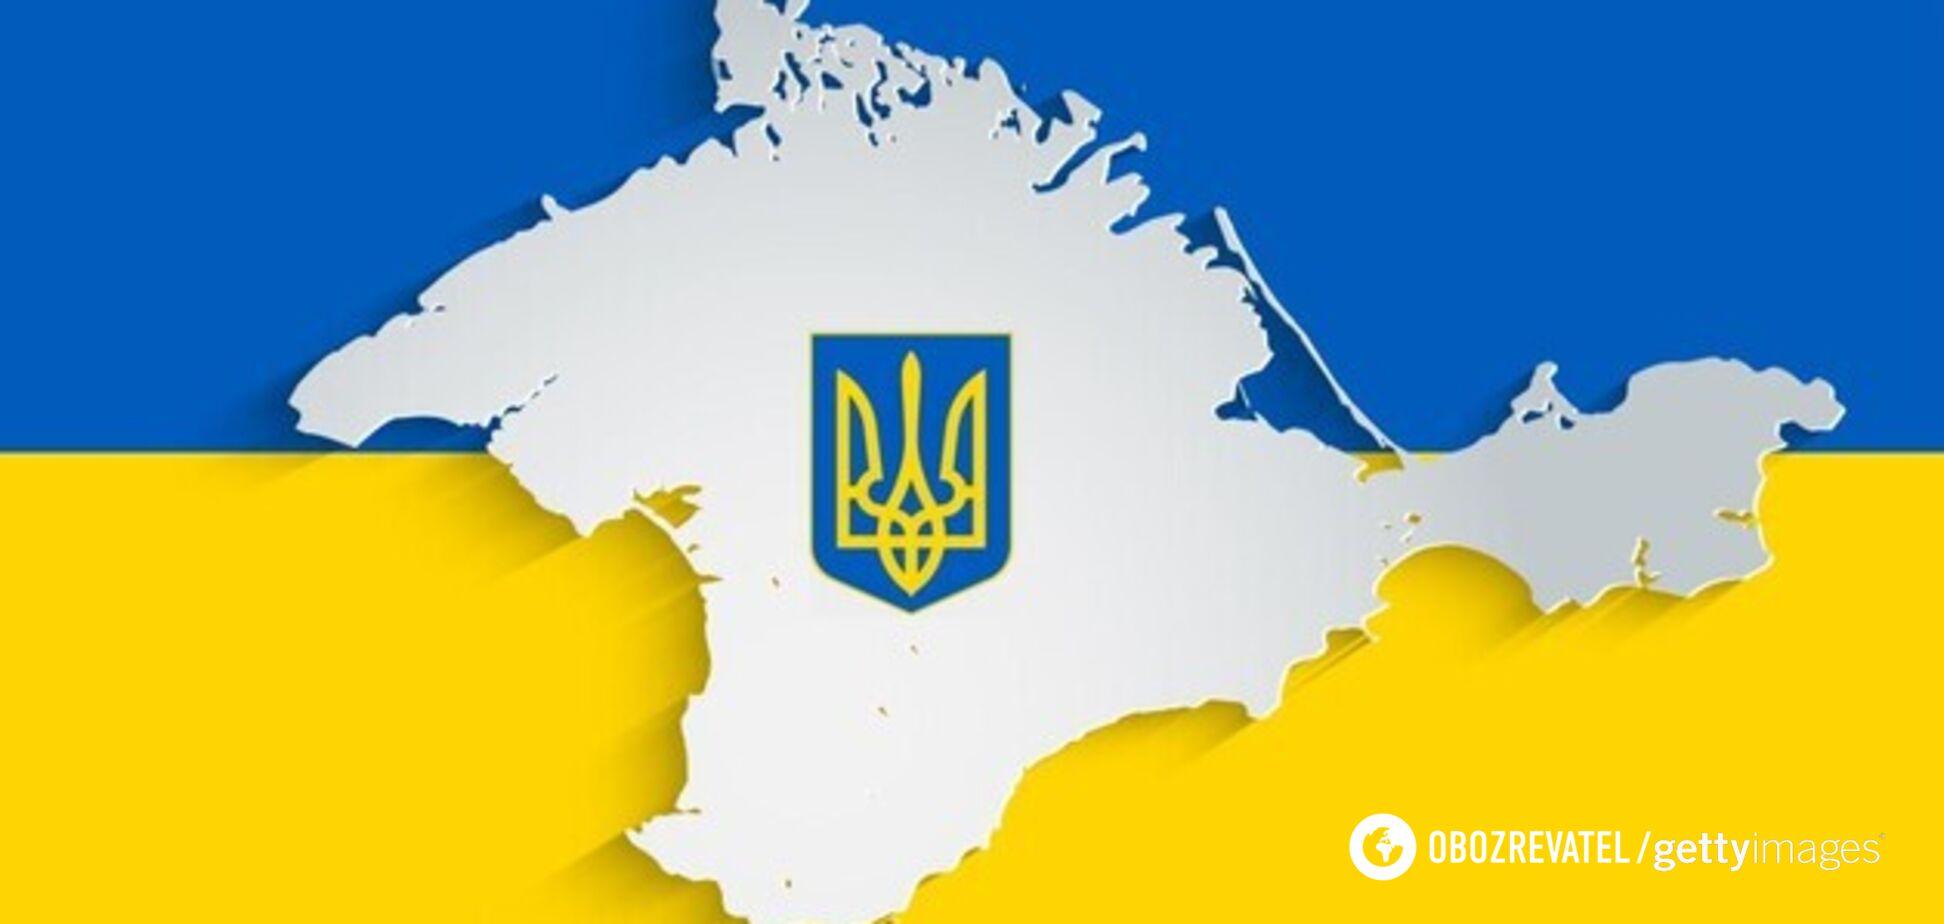 7 лет от незаконного крымского референдума: как это было и кто виноват?